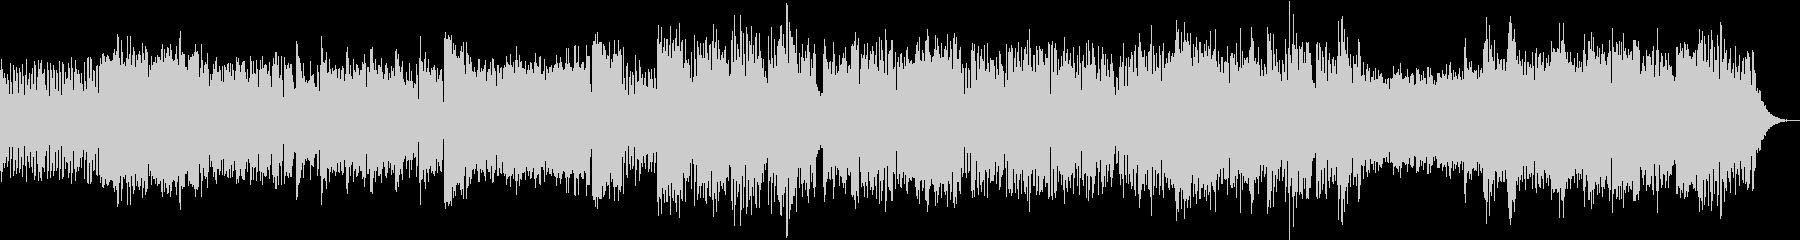 パイプオルガンと不思議なオーケストラの未再生の波形